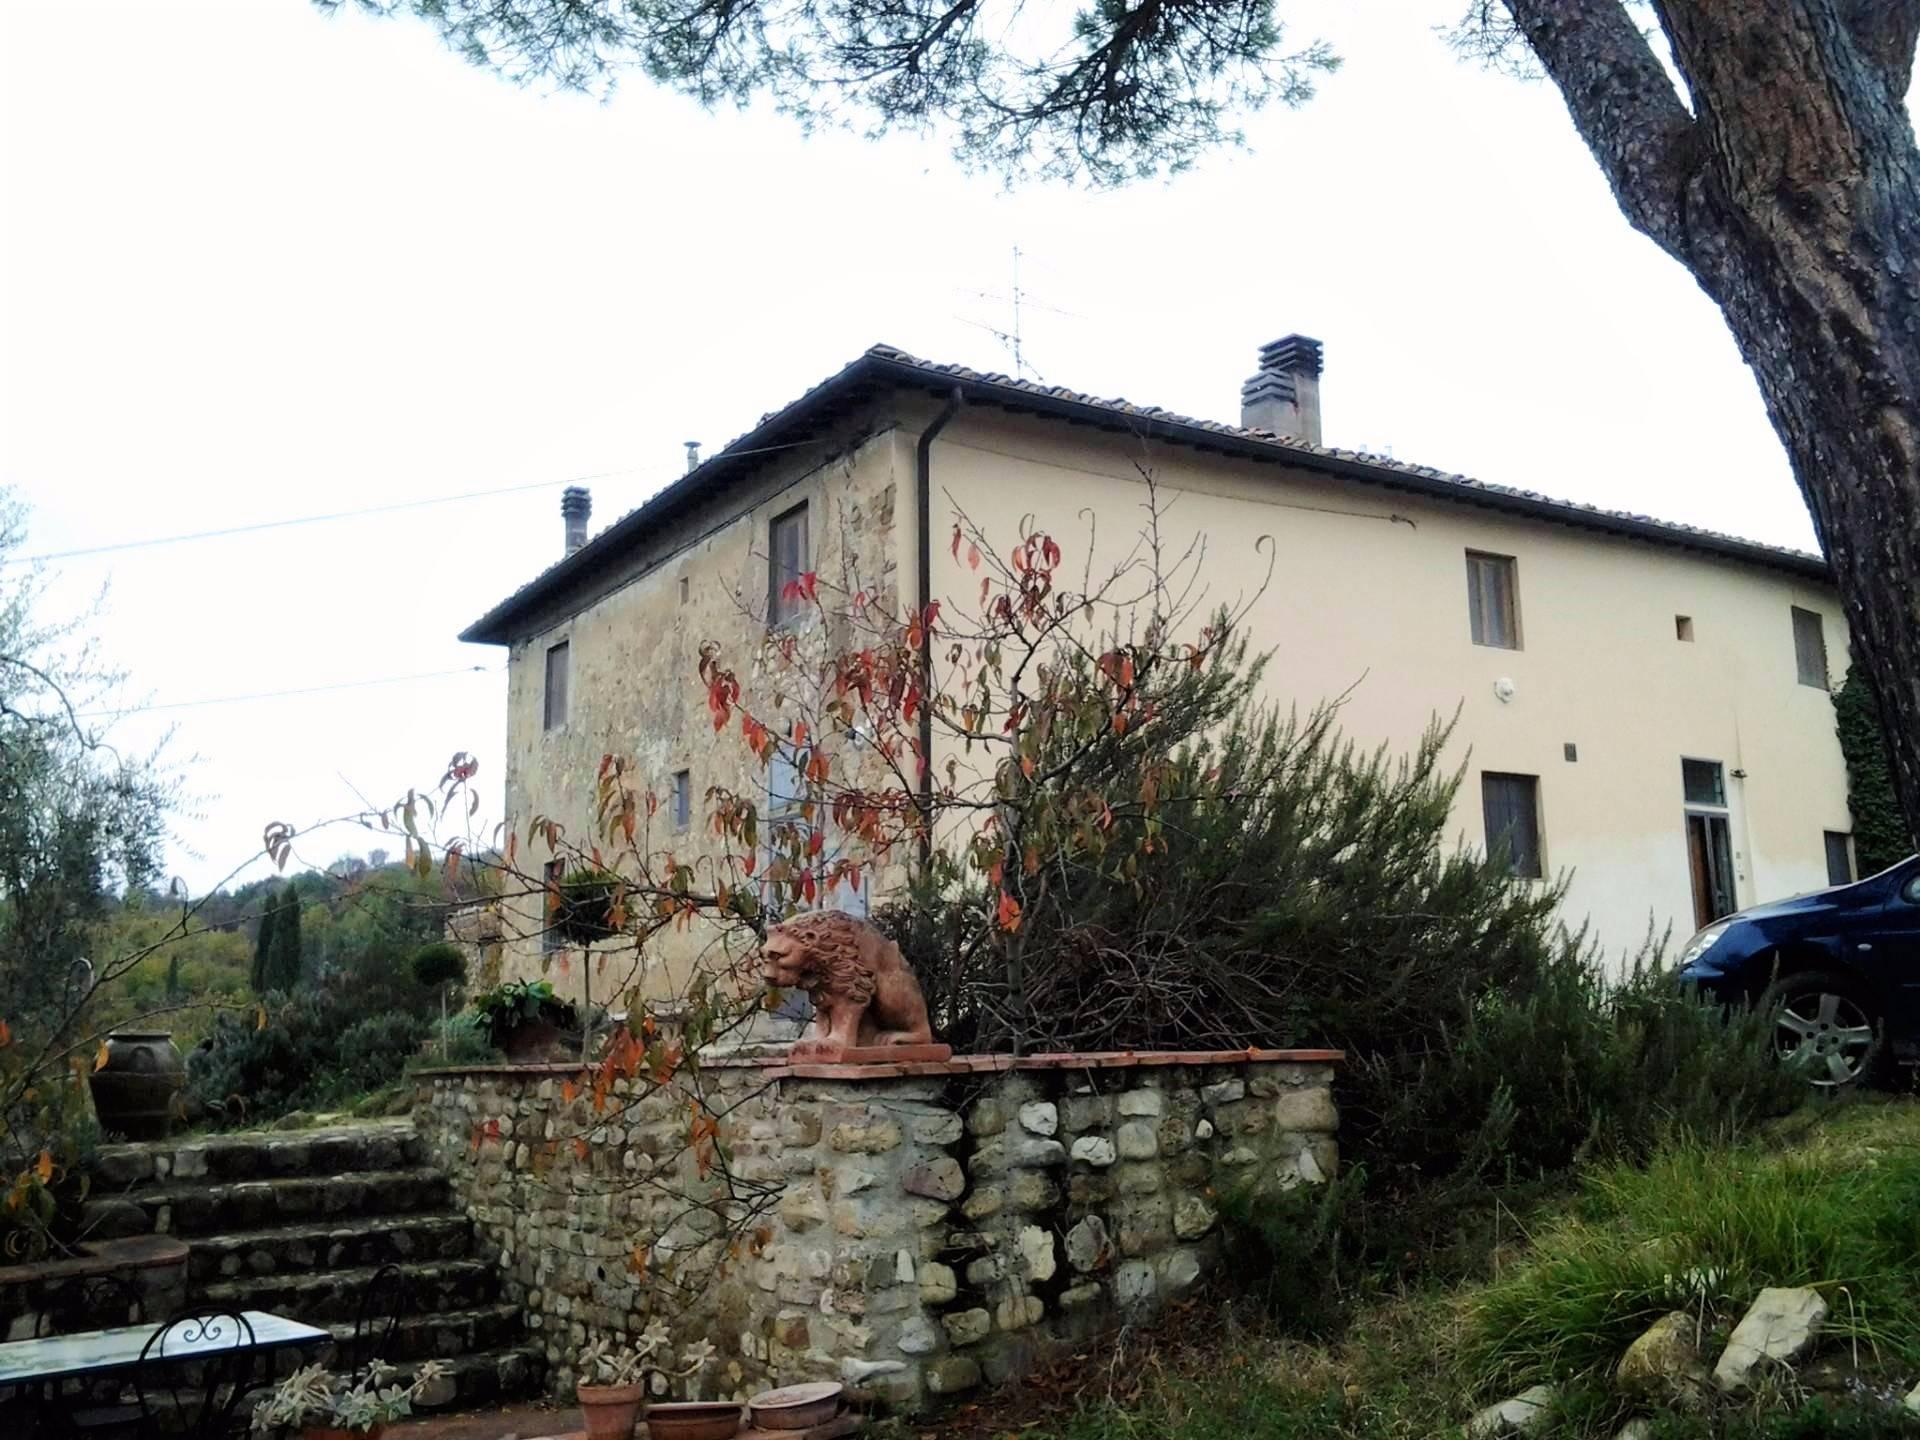 Rustico / Casale in vendita a San Casciano in Val di Pesa, 15 locali, prezzo € 635.000 | CambioCasa.it